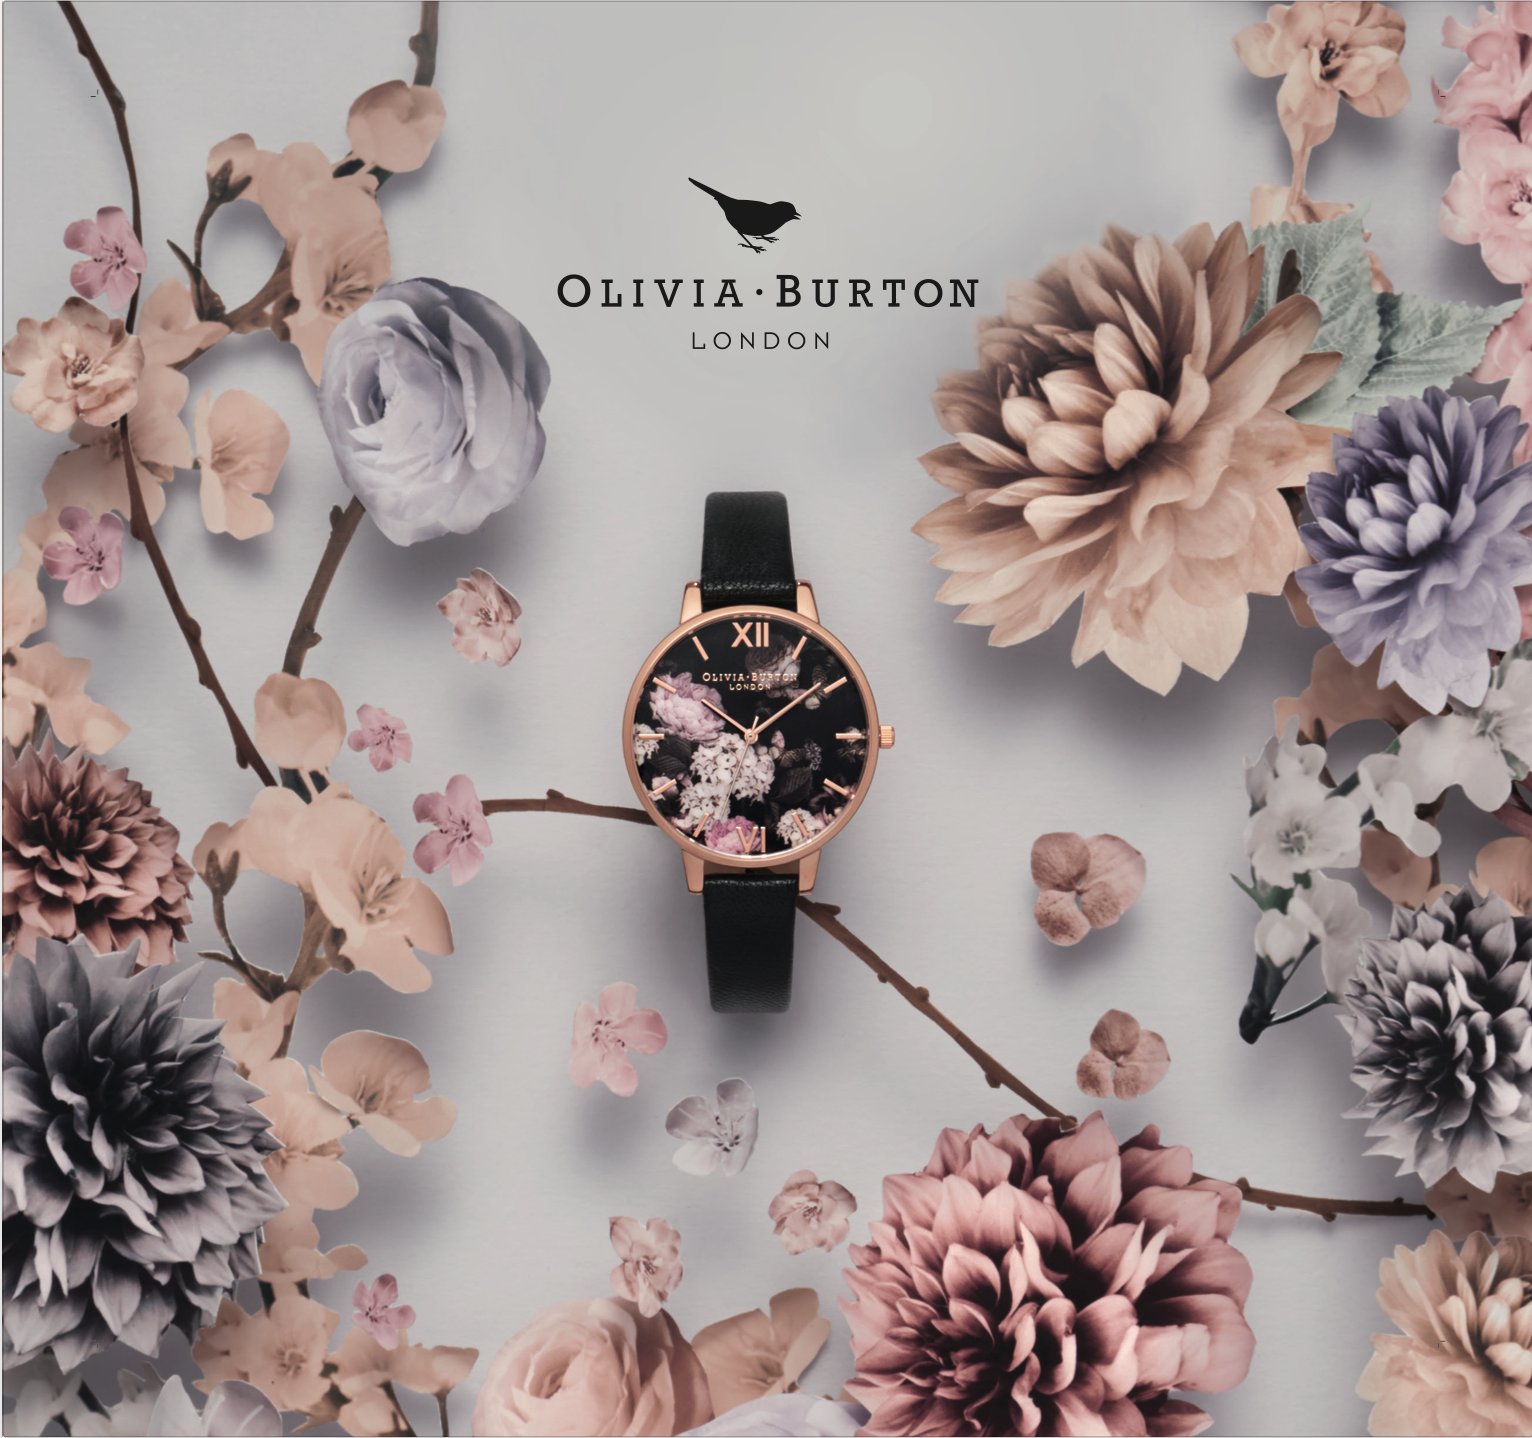 224e0f89d أفضل ساعات النساء المميّزة | أوليفيا بيرتون